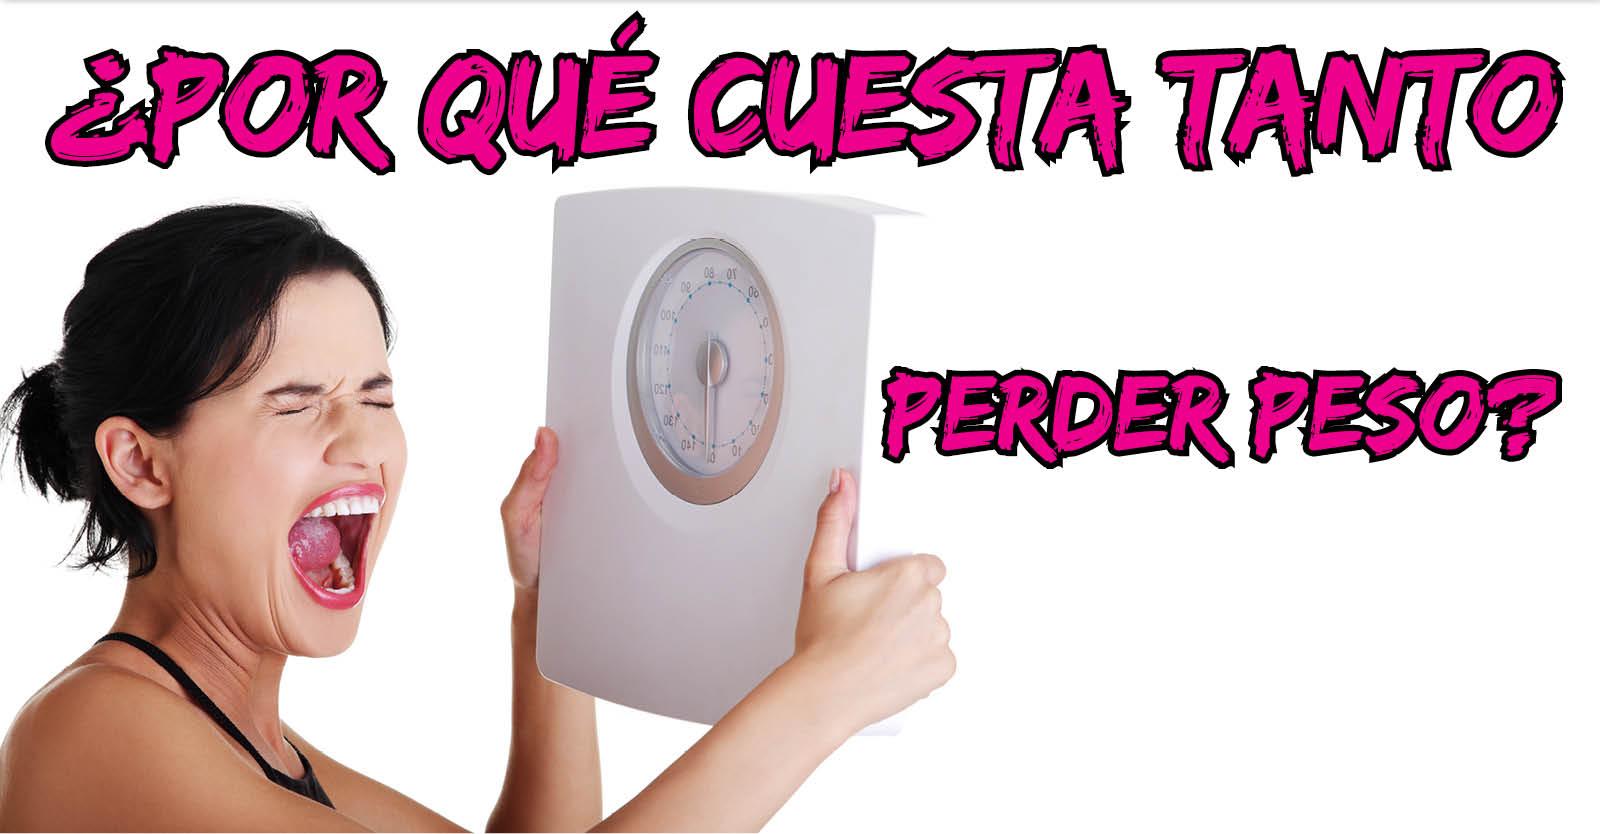 Mujer con peso en mano con letras que dicen por qué cuesta tanto perder peso